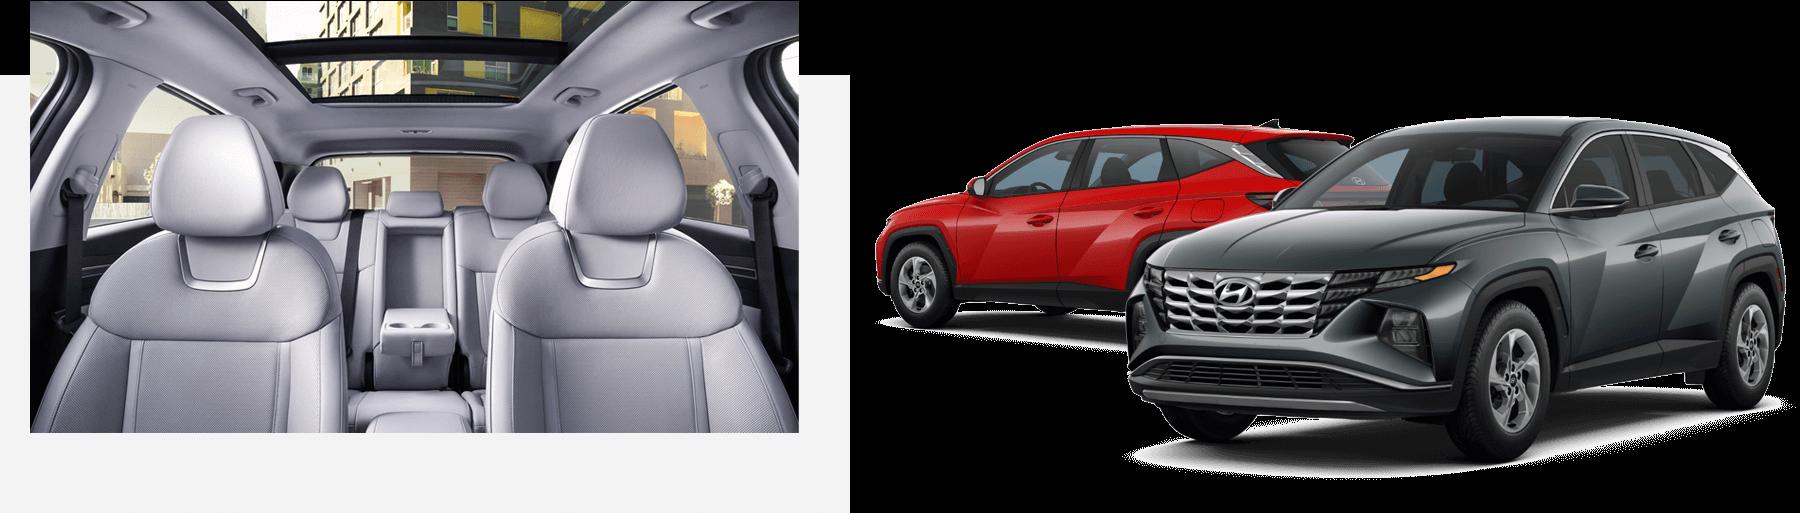 2022 Hyundai Tucson Hero Image